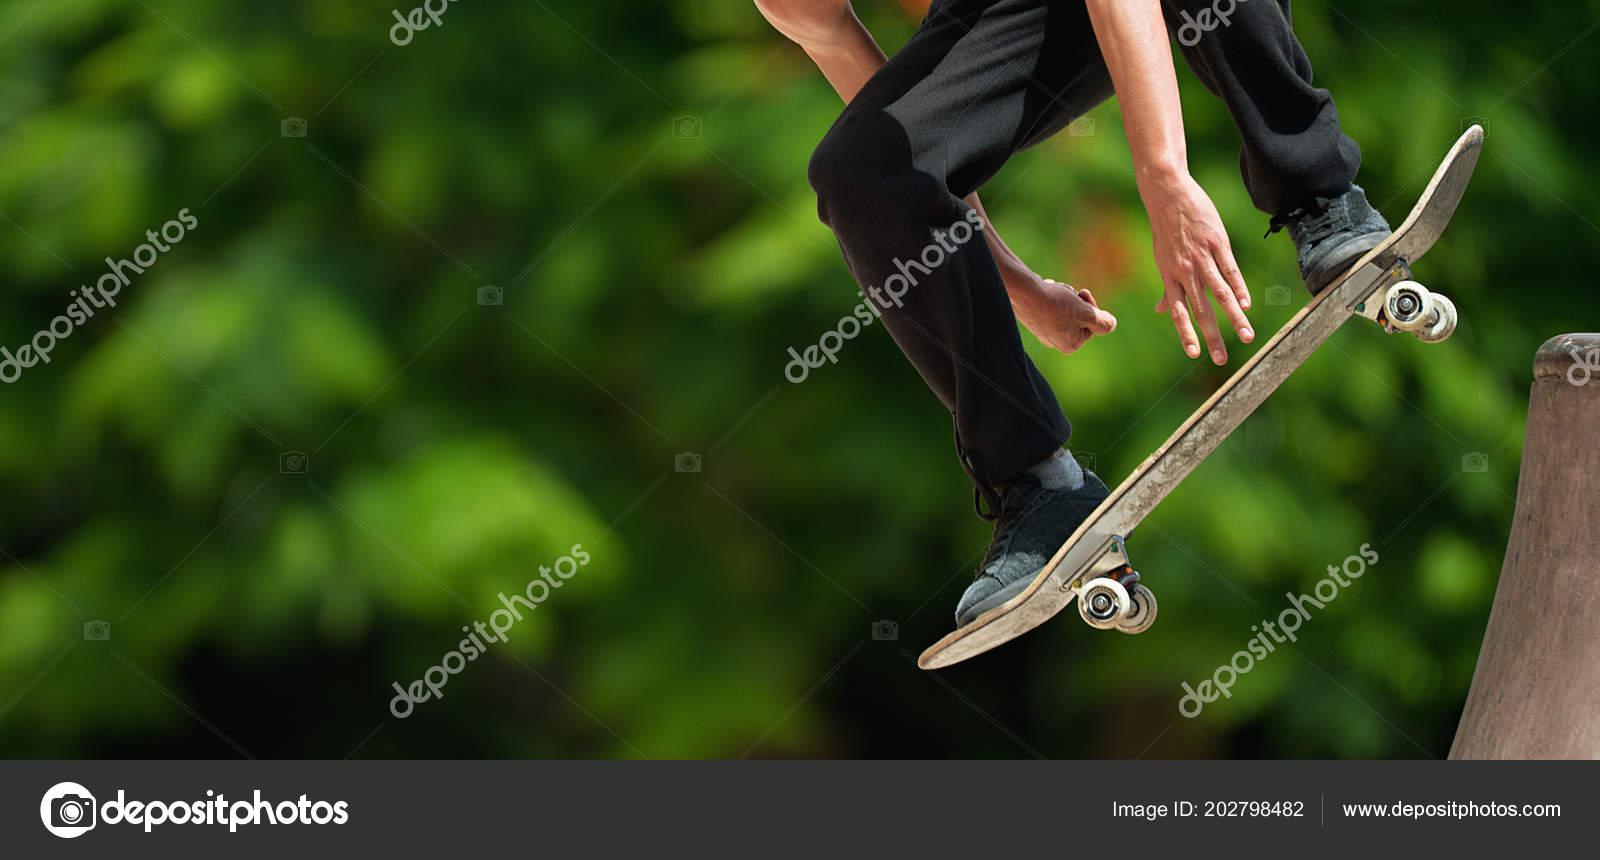 58f66be1 Skate Voando Sobre Uma Rampa Skatista Praticando Parque Skate — Fotografia  de Stock